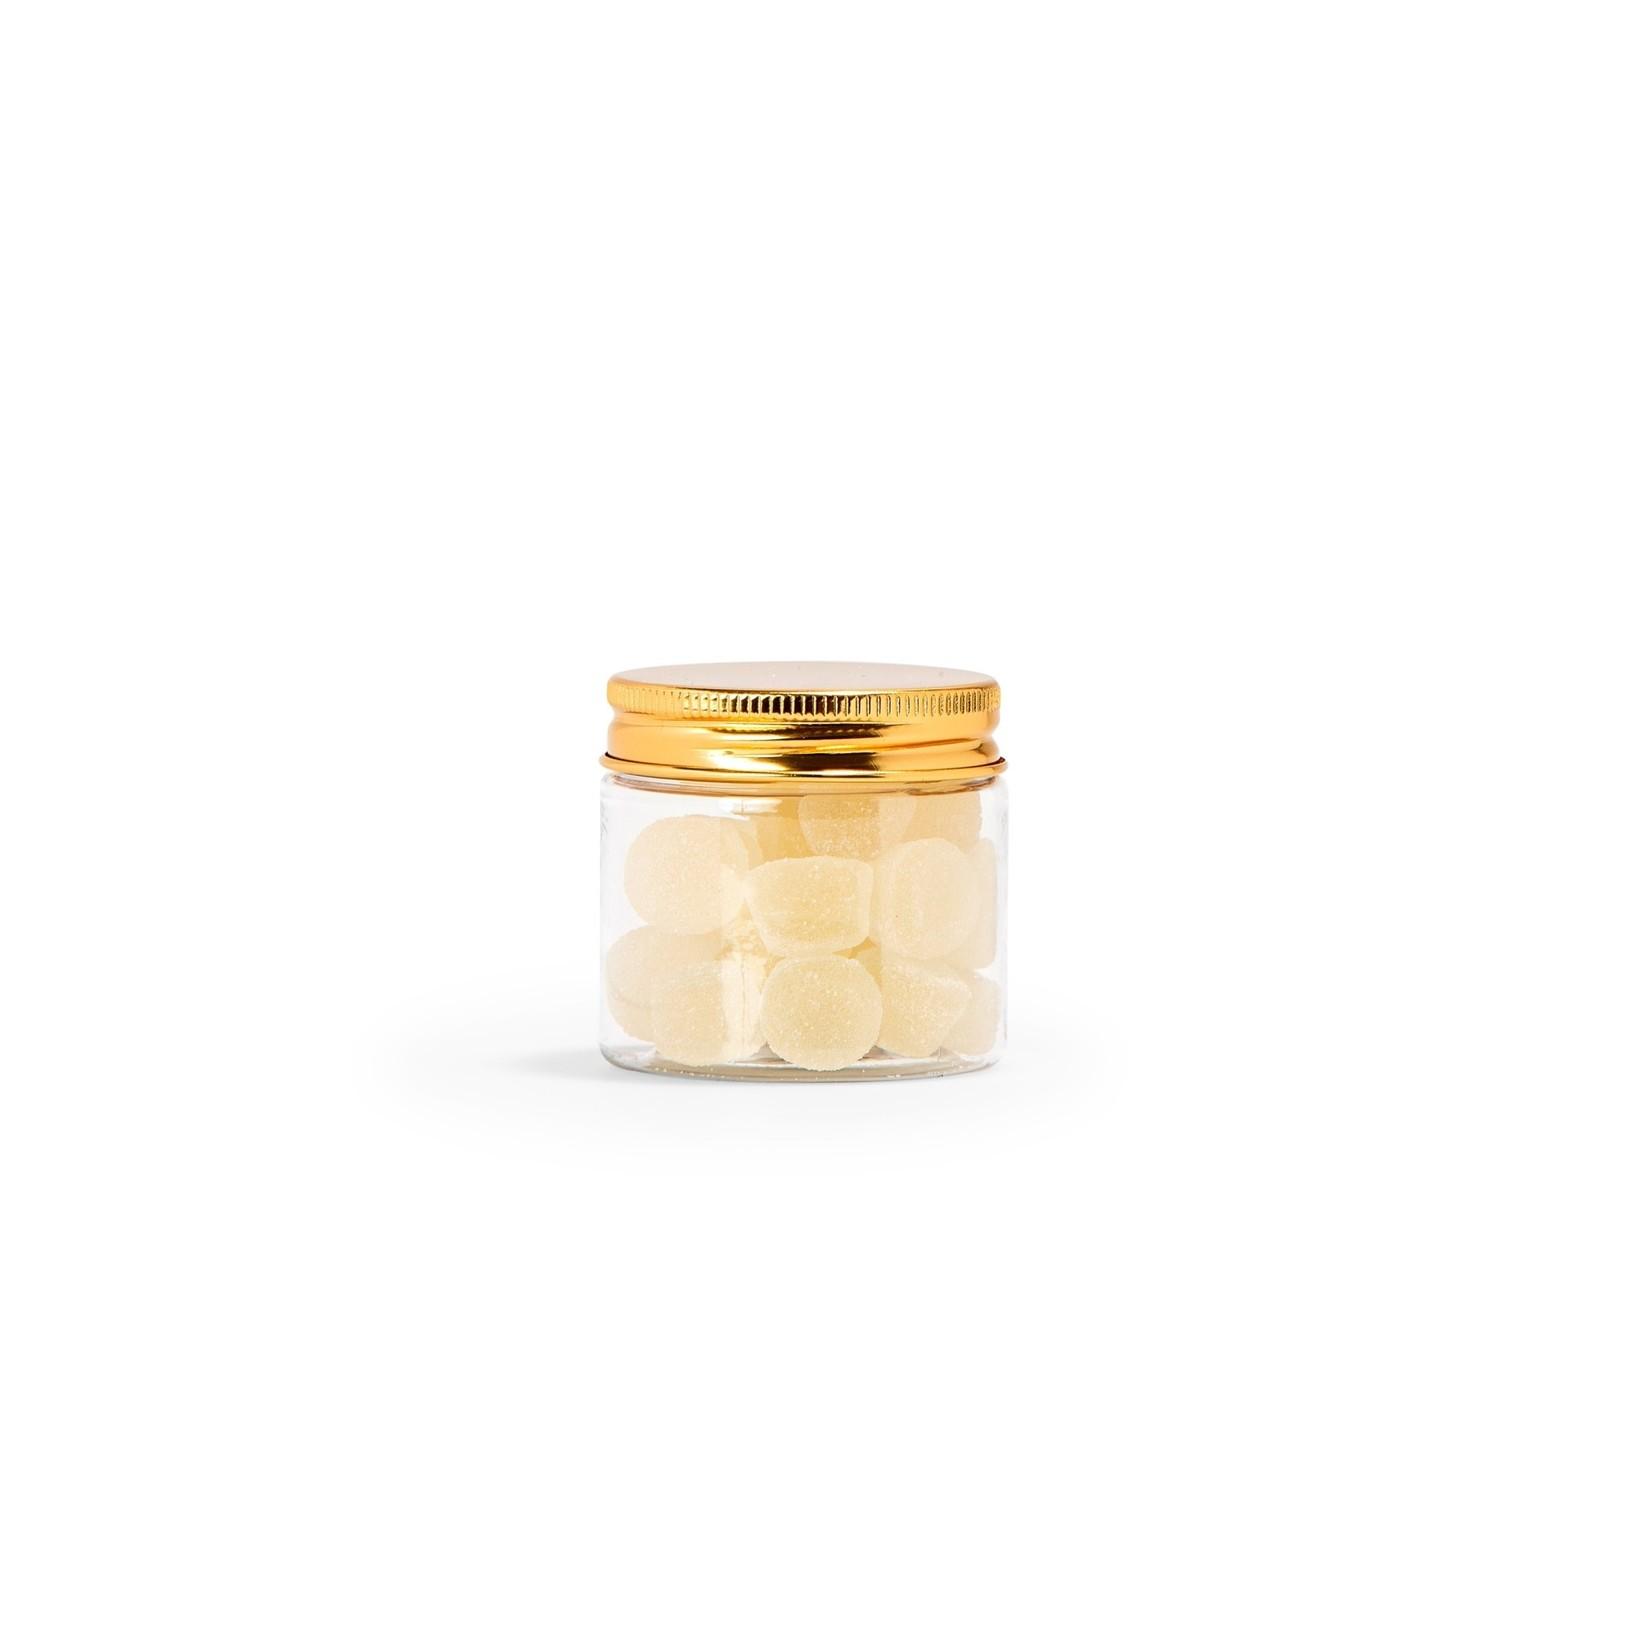 BB collections PET potje met schroefdeksel goud 4.7cm x dia 5cm